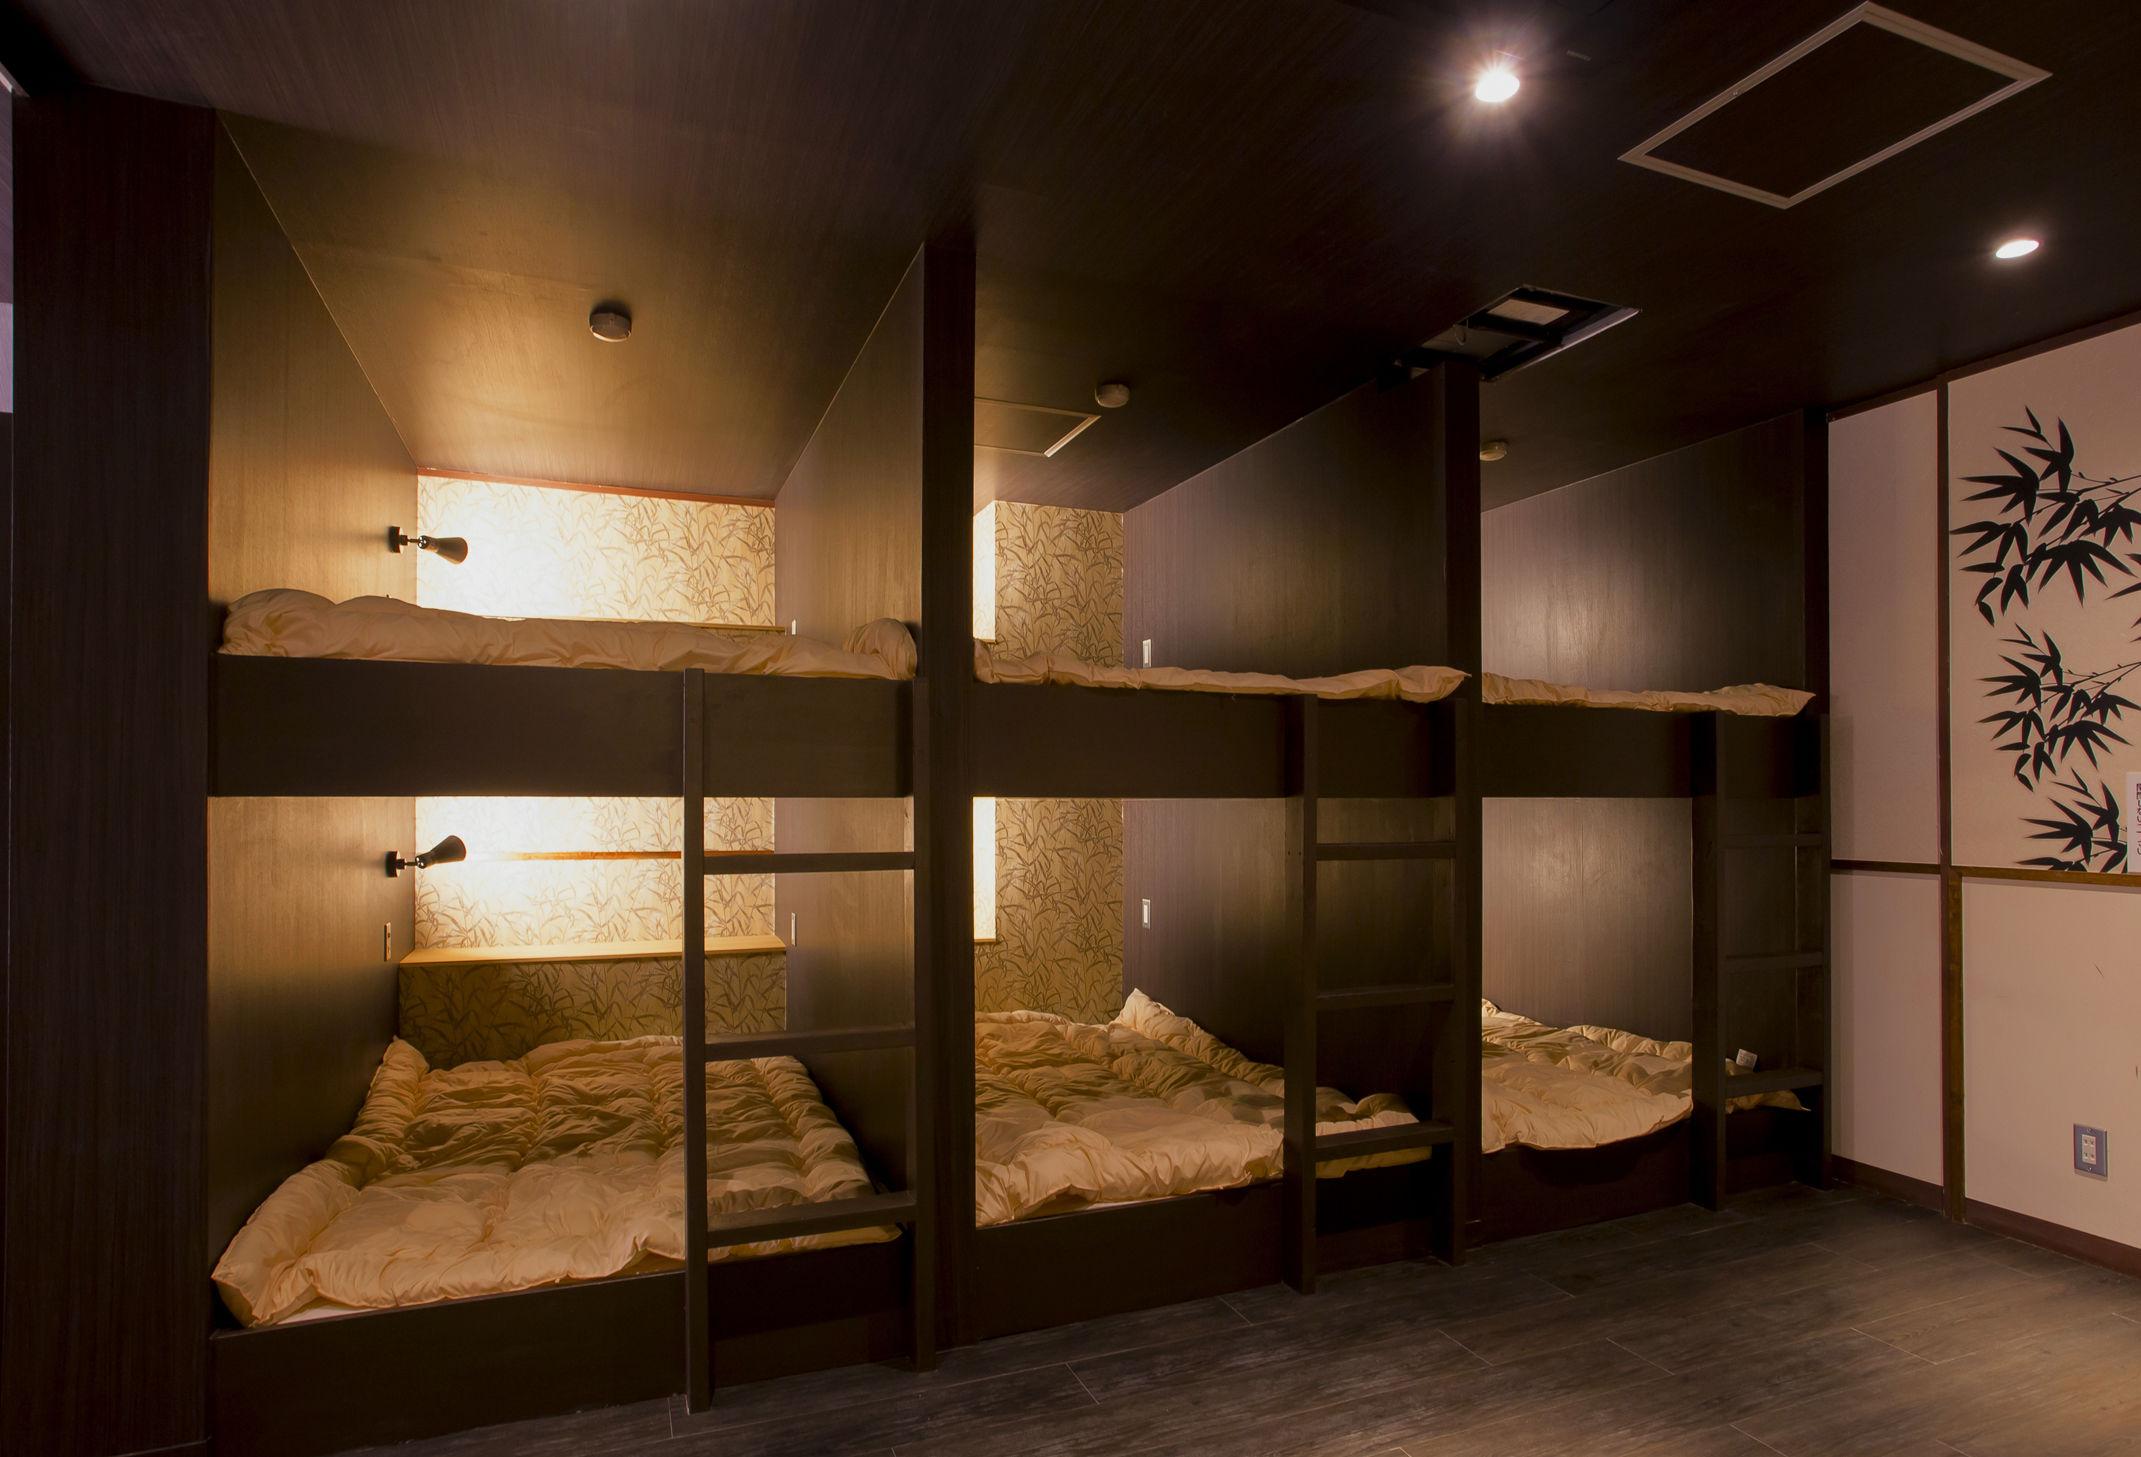 外国人旅行者向け!NIPPONの見どころを詰め込んだ「ニュータイプ旅館」が誕生